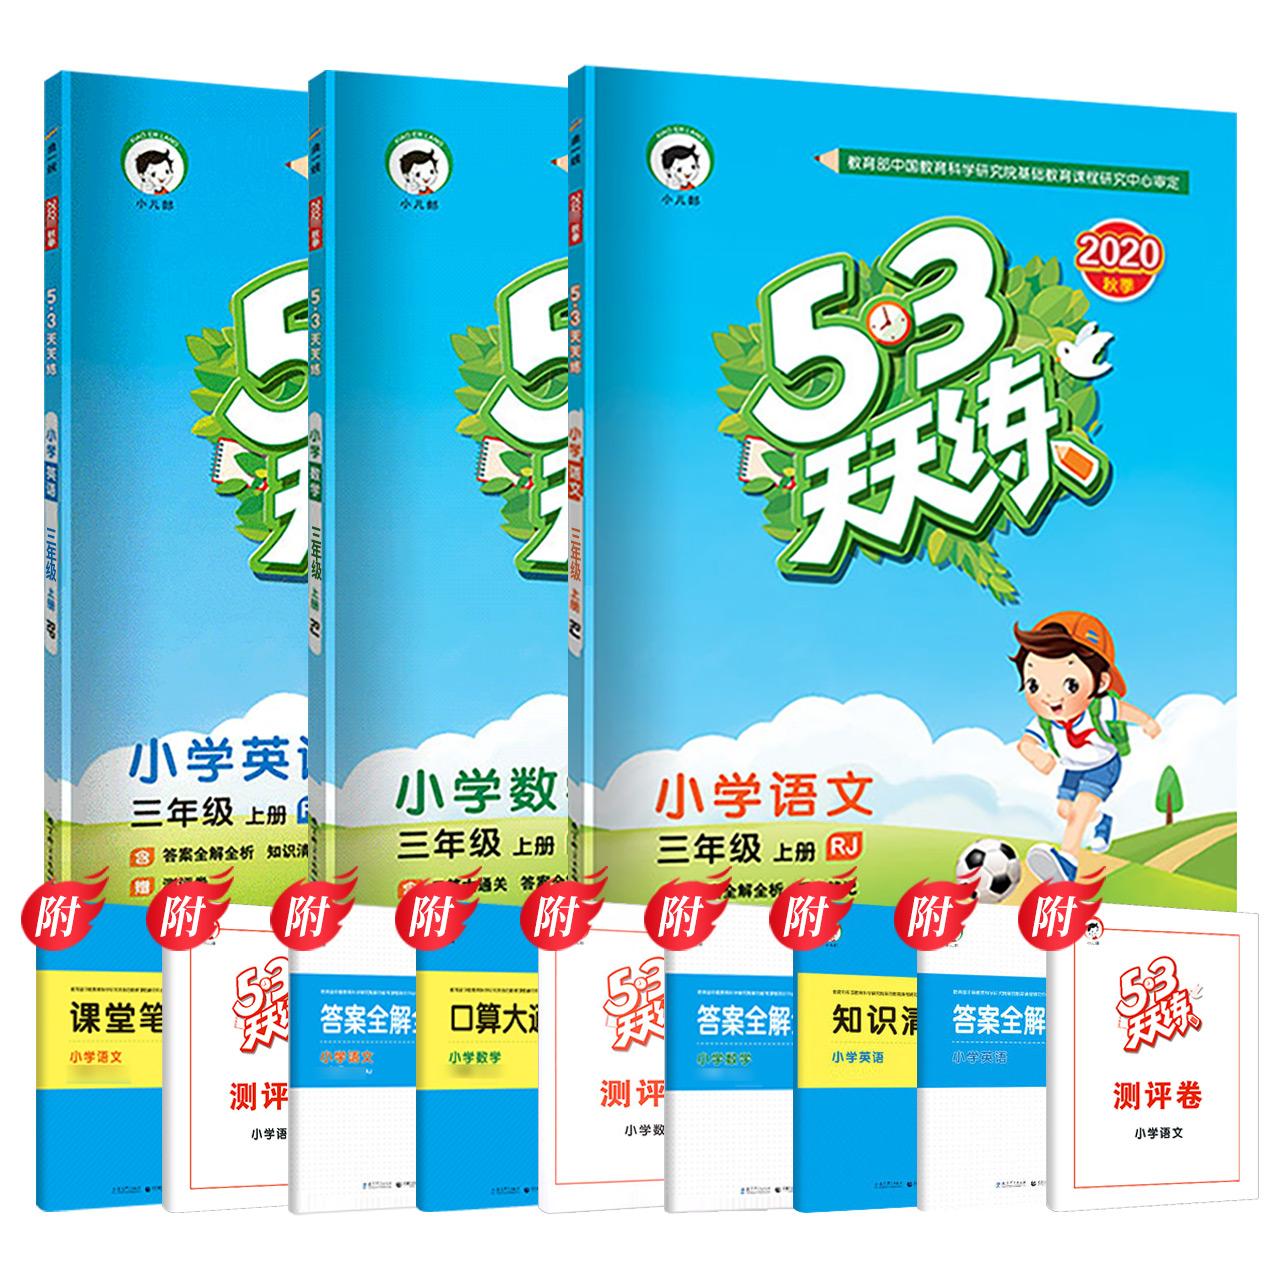 2021人教版 53天天练 三年级上册 语+数+英语 图1